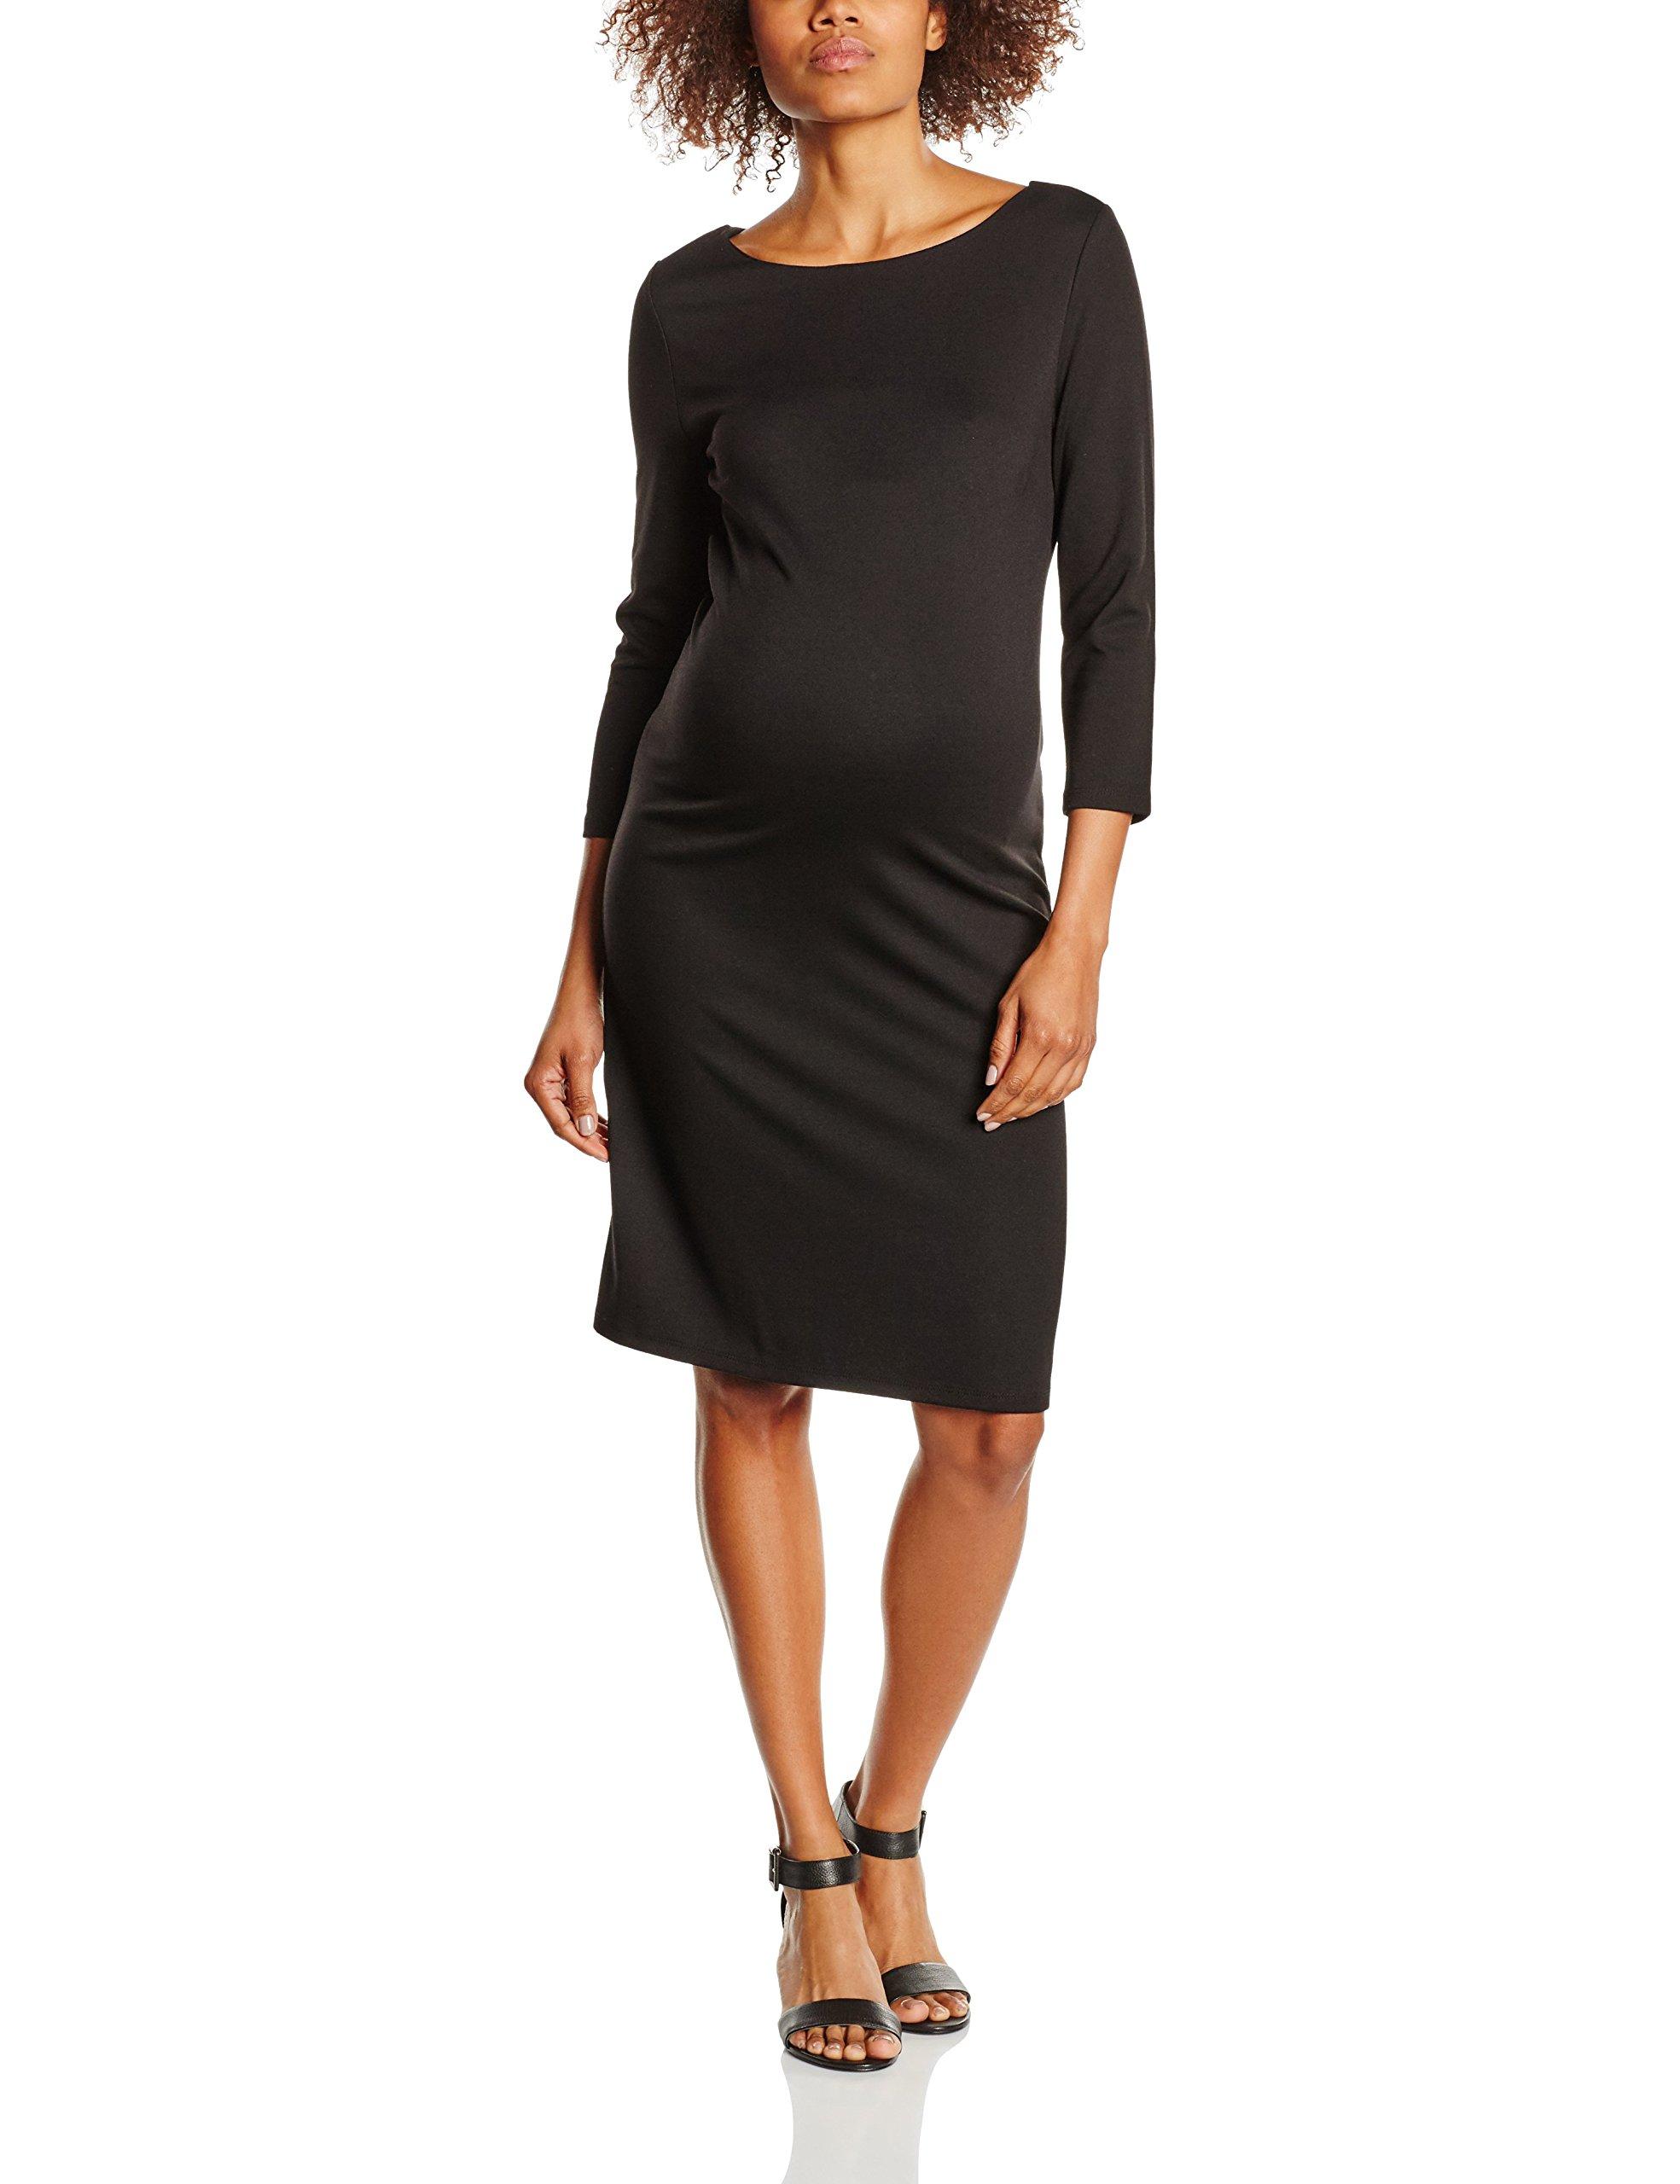 x large Dress Noppies 3 4 De FemmeNoirblack44taille Fabricant SlvRobe Maternité TcFul31JK